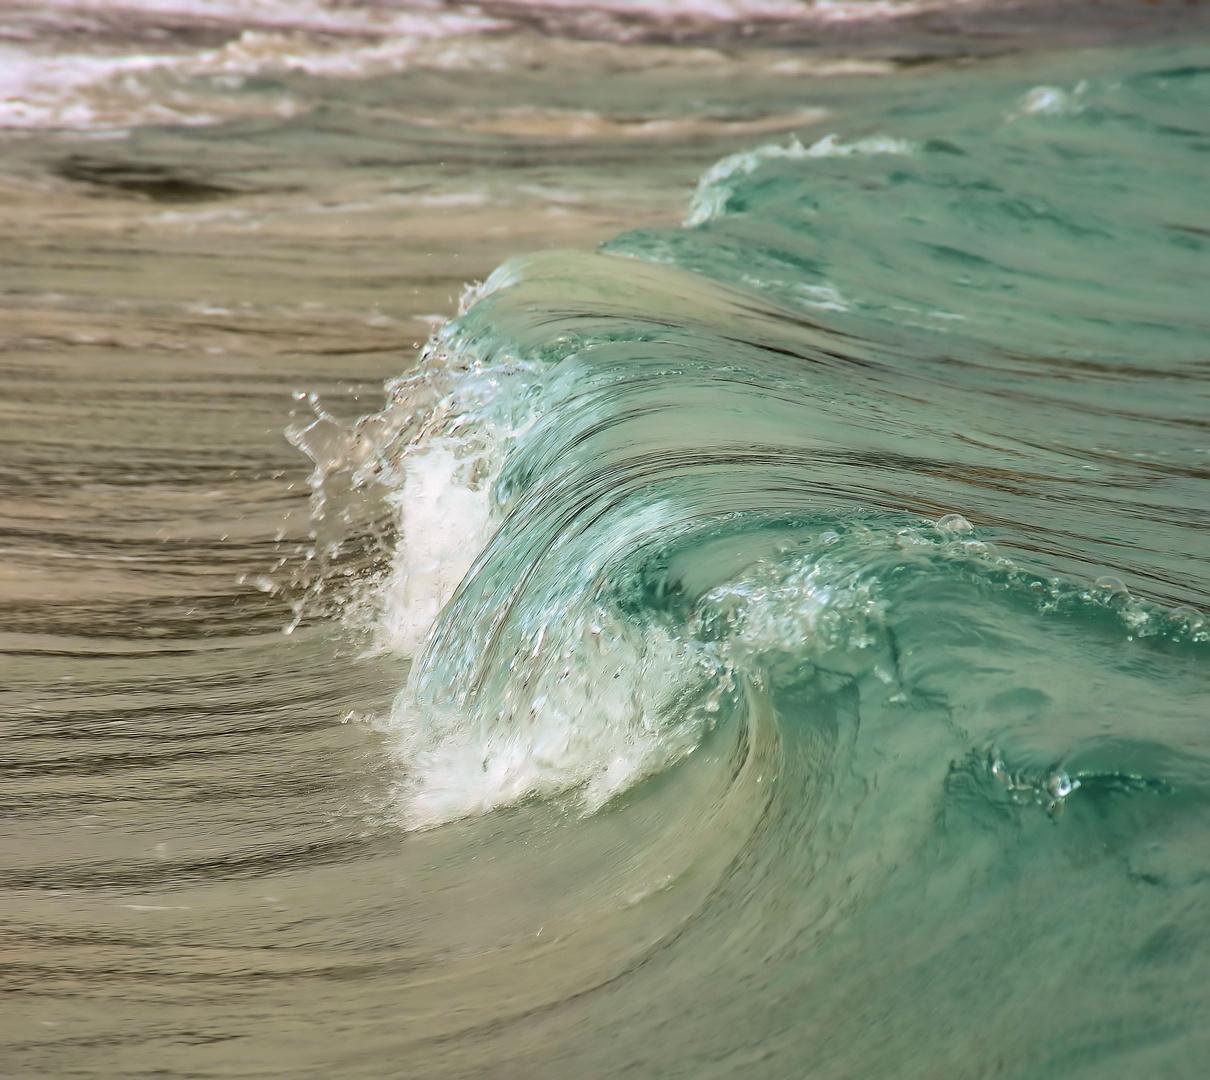 Waves - Sardegna